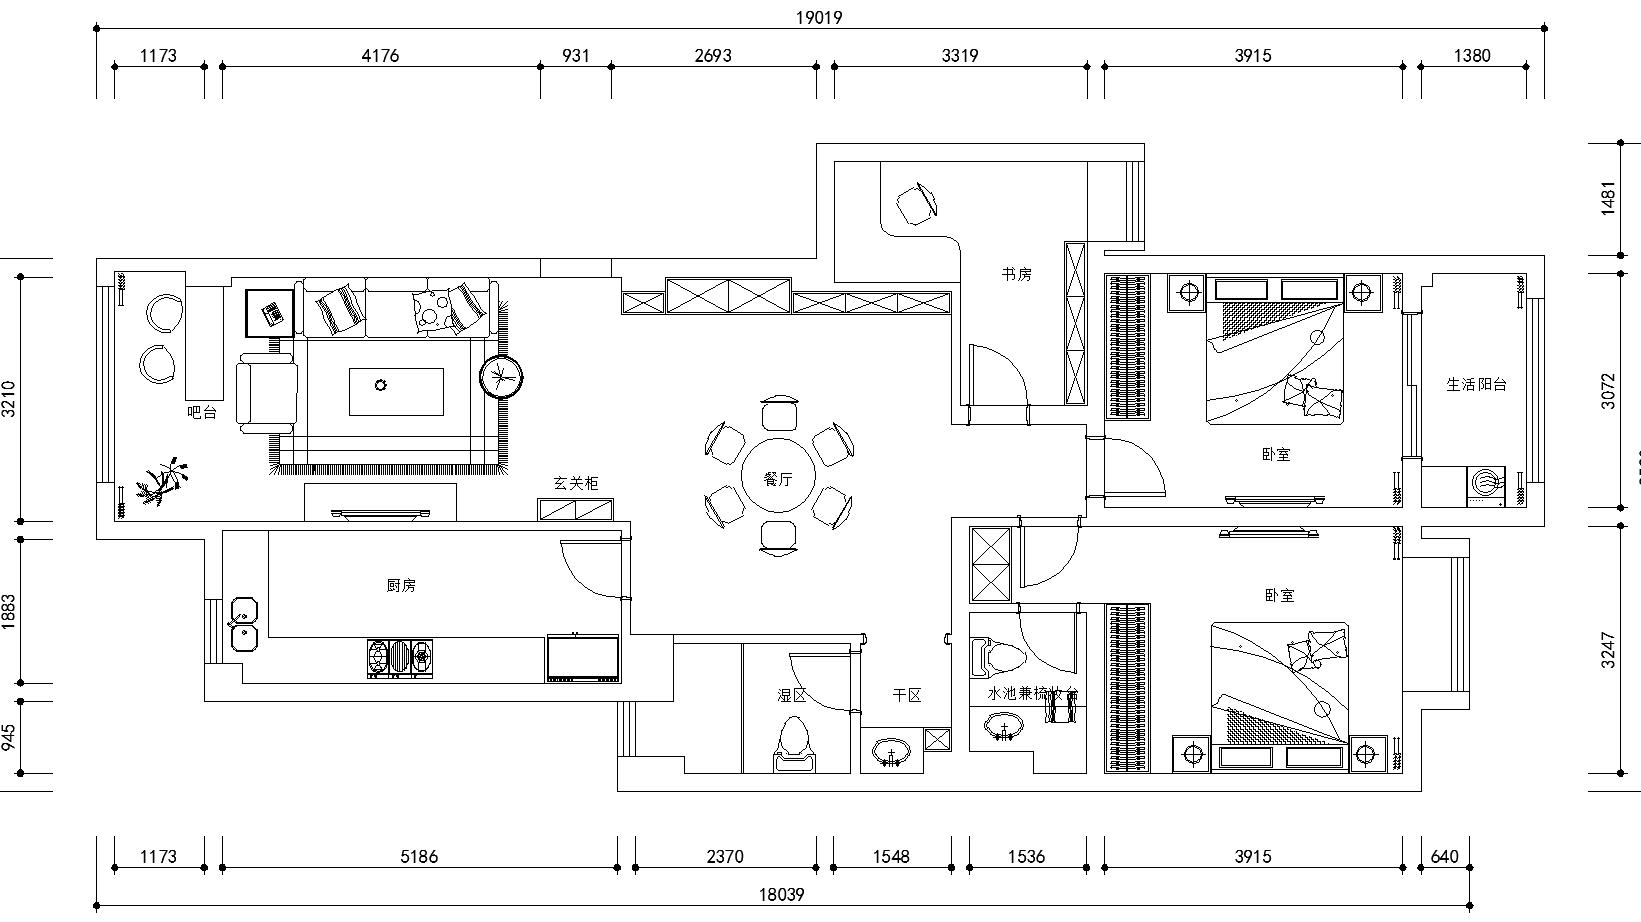 想了几个方案都不喜欢 怎么设计将客厅变的不窄(不要开放厨房)